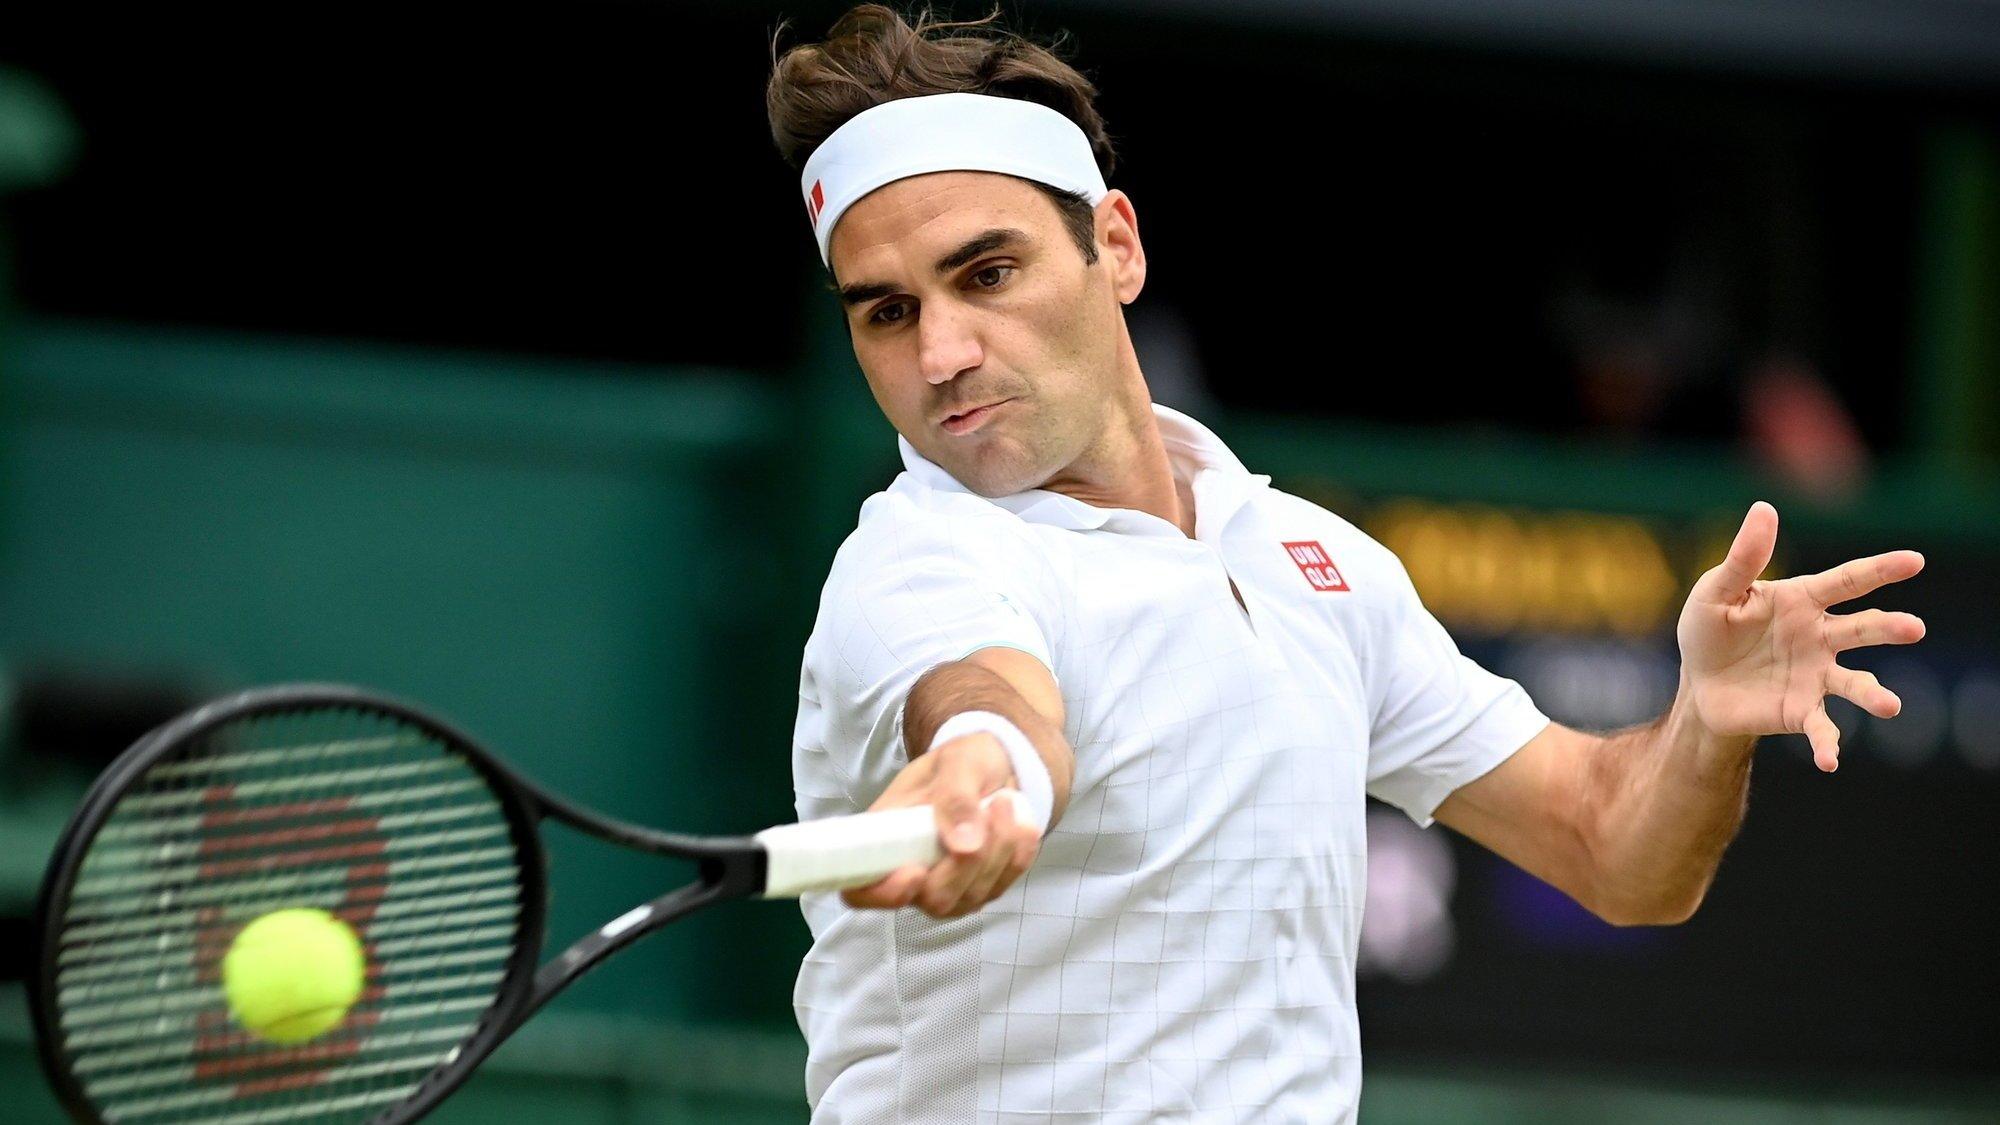 Roger Federer a 40 ans, dimanche. En dépit de ses soucis physiques, il n'a pas encore évoqué publiquement sa retraite.